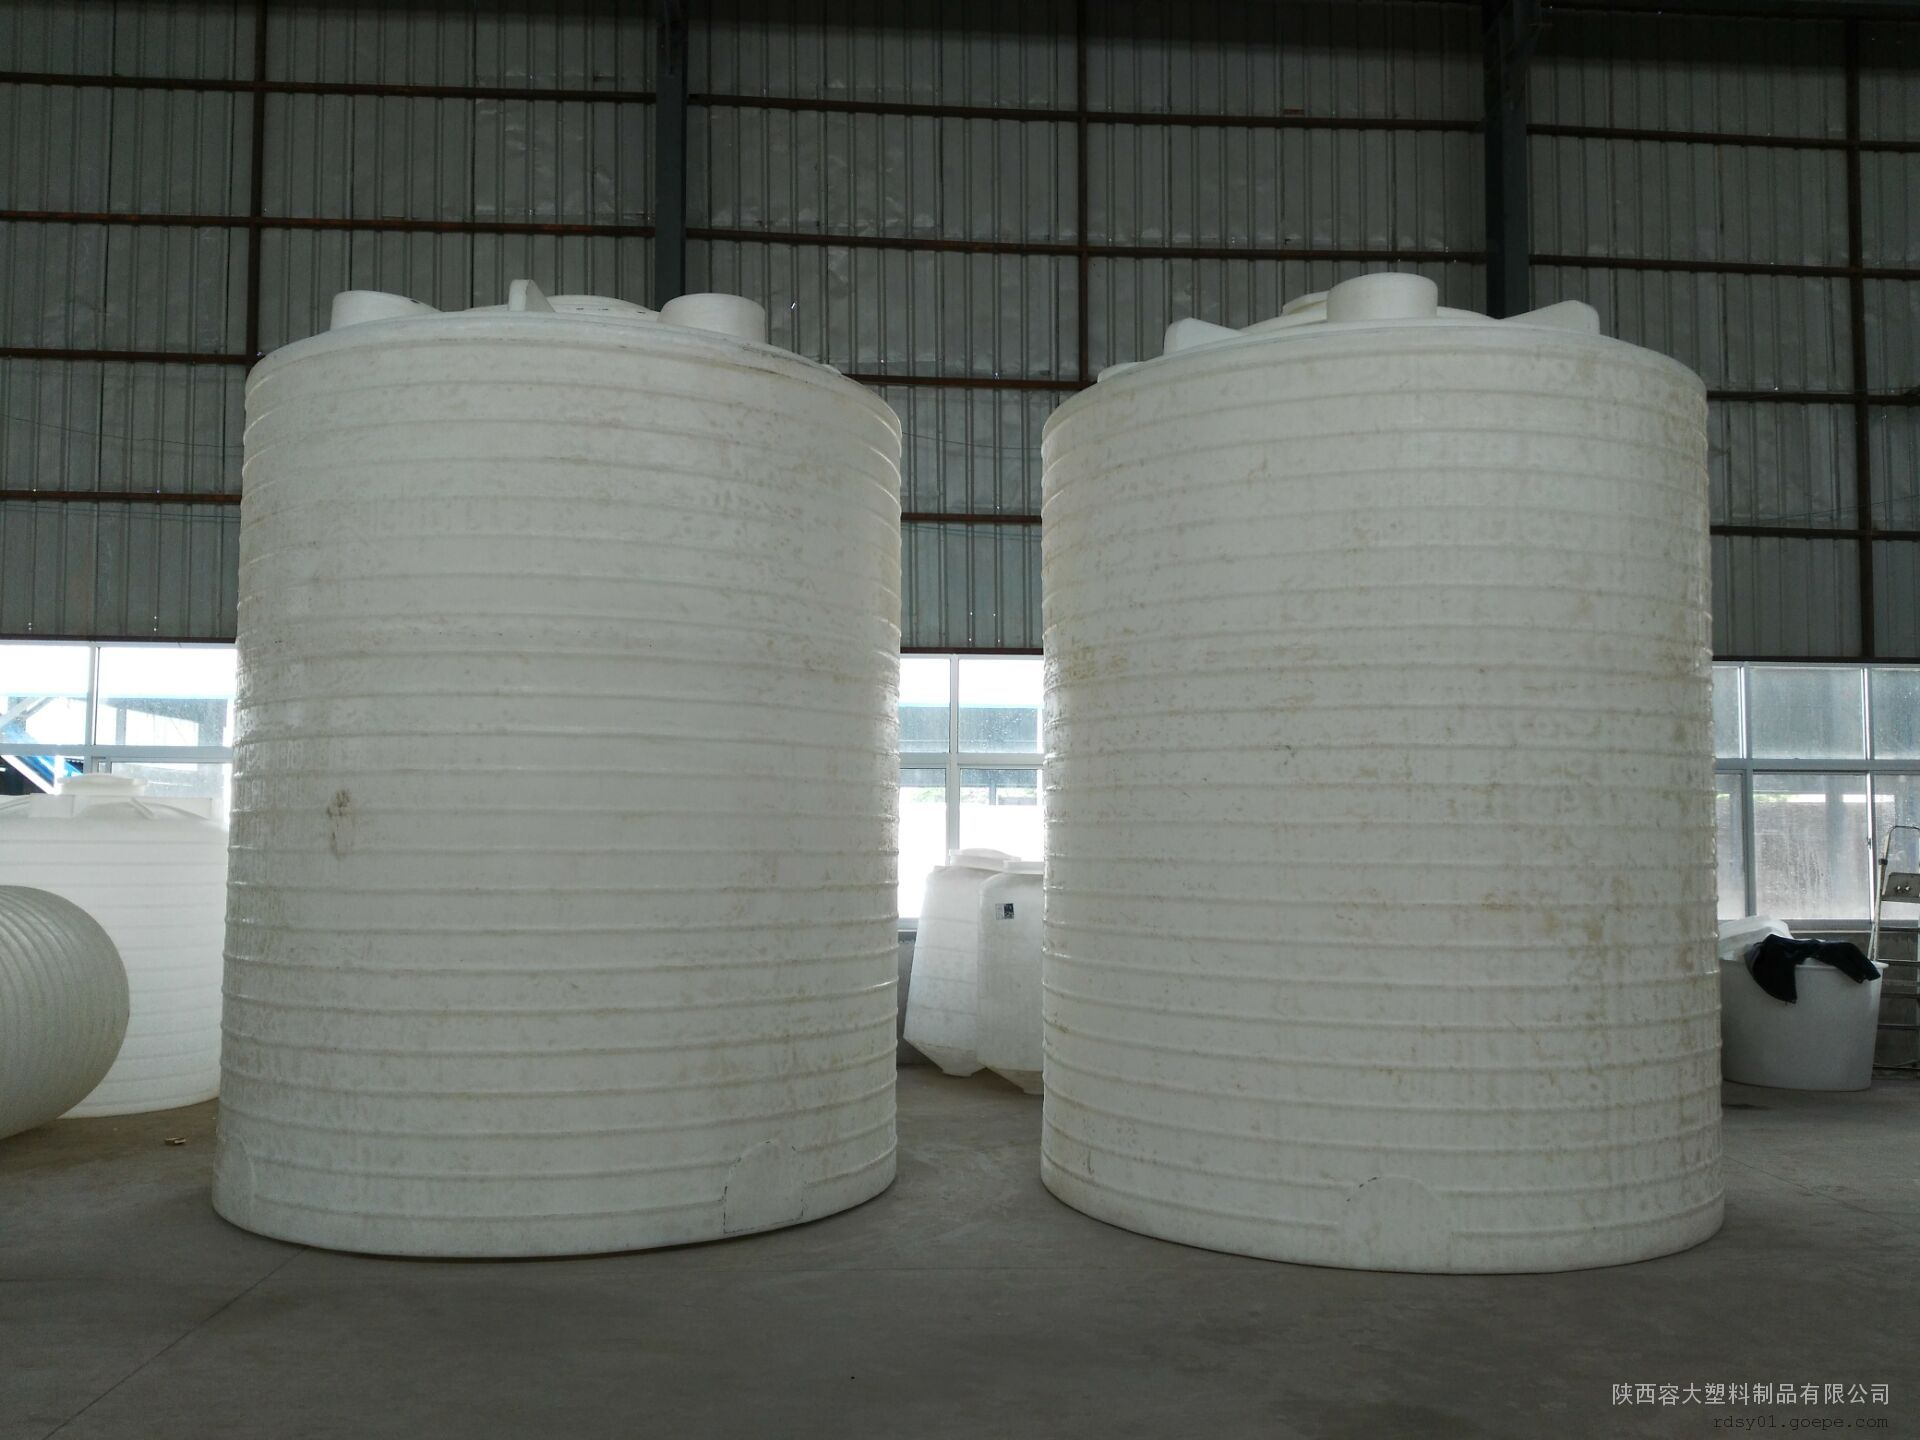 30吨PE水箱 抗旱灌溉水箱 消防储水箱 西北厂家